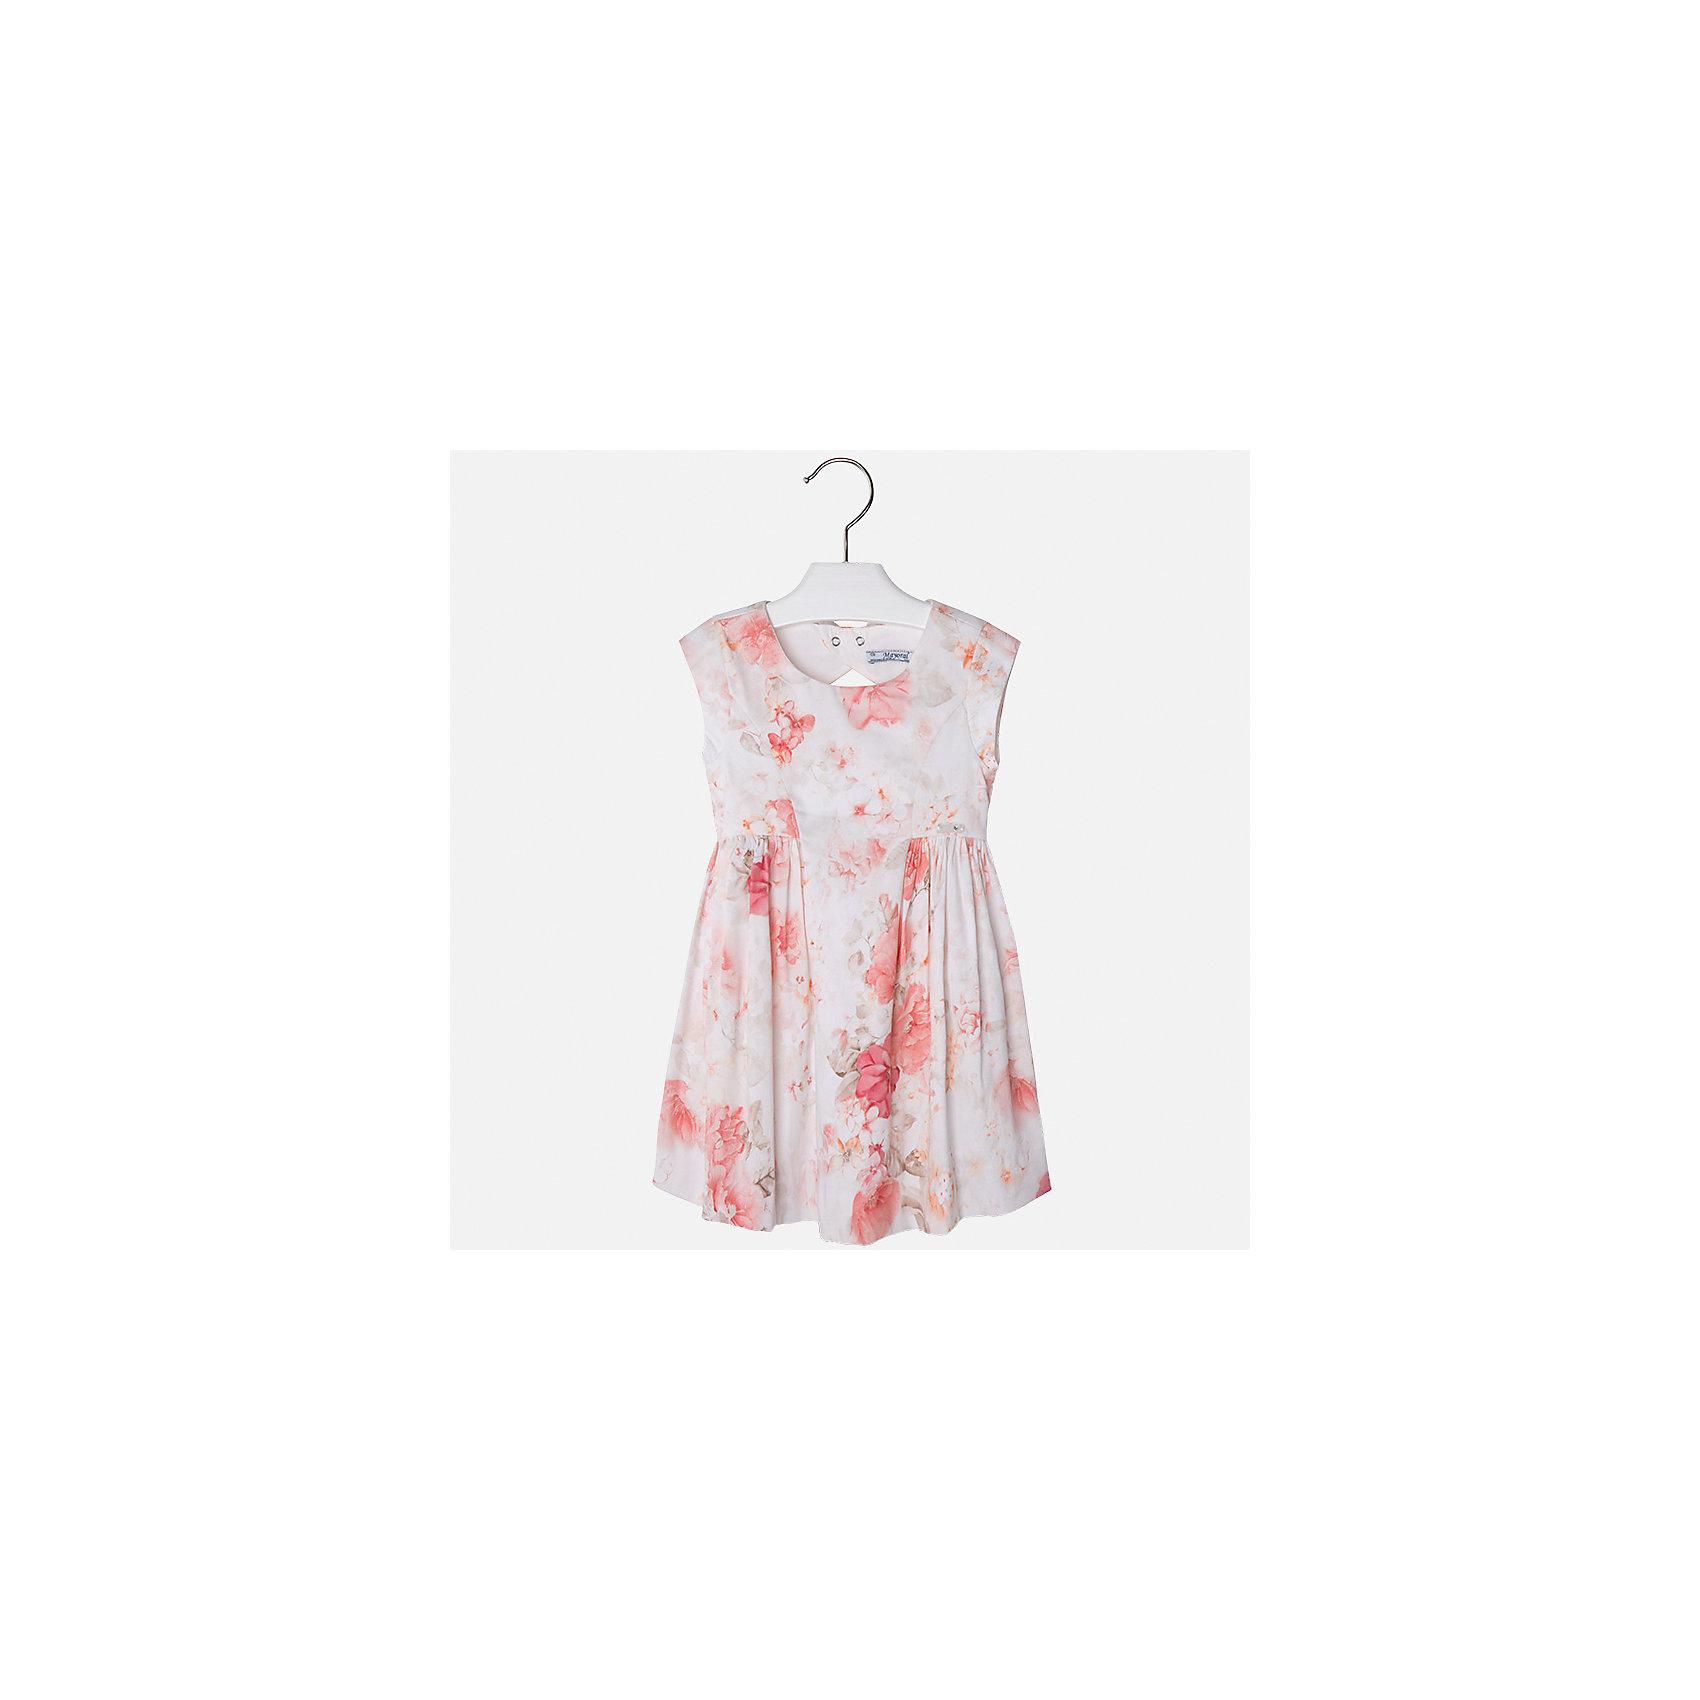 Платье для девочки MayoralПлатья и сарафаны<br>Характеристики товара:<br><br>• цвет: молочный принт<br>• состав: 97% хлопок, 3% эластан, подкладка - 65% полиэстер, 35% хлопок<br>• застежка: молния<br>• легкий материал<br>• цветочный рисунок<br>• без рукавов<br>• с подкладкой<br>• страна бренда: Испания<br><br>Красивое легкое платье для девочки поможет разнообразить гардероб ребенка и создать эффектный наряд. Оно подойдет и для торжественных случаев, может быть и как ежедневный наряд. Красивый оттенок позволяет подобрать к вещи обувь разных расцветок. В составе материала подкладки - натуральный хлопок, гипоаллергенный, приятный на ощупь, дышащий. Платье хорошо сидит по фигуре.<br><br>Одежда, обувь и аксессуары от испанского бренда Mayoral полюбились детям и взрослым по всему миру. Модели этой марки - стильные и удобные. Для их производства используются только безопасные, качественные материалы и фурнитура. Порадуйте ребенка модными и красивыми вещами от Mayoral! <br><br>Платье для девочки от испанского бренда Mayoral (Майорал) можно купить в нашем интернет-магазине.<br><br>Ширина мм: 236<br>Глубина мм: 16<br>Высота мм: 184<br>Вес г: 177<br>Цвет: оранжевый<br>Возраст от месяцев: 96<br>Возраст до месяцев: 108<br>Пол: Женский<br>Возраст: Детский<br>Размер: 134,92,98,104,110,116,122,128<br>SKU: 5291144